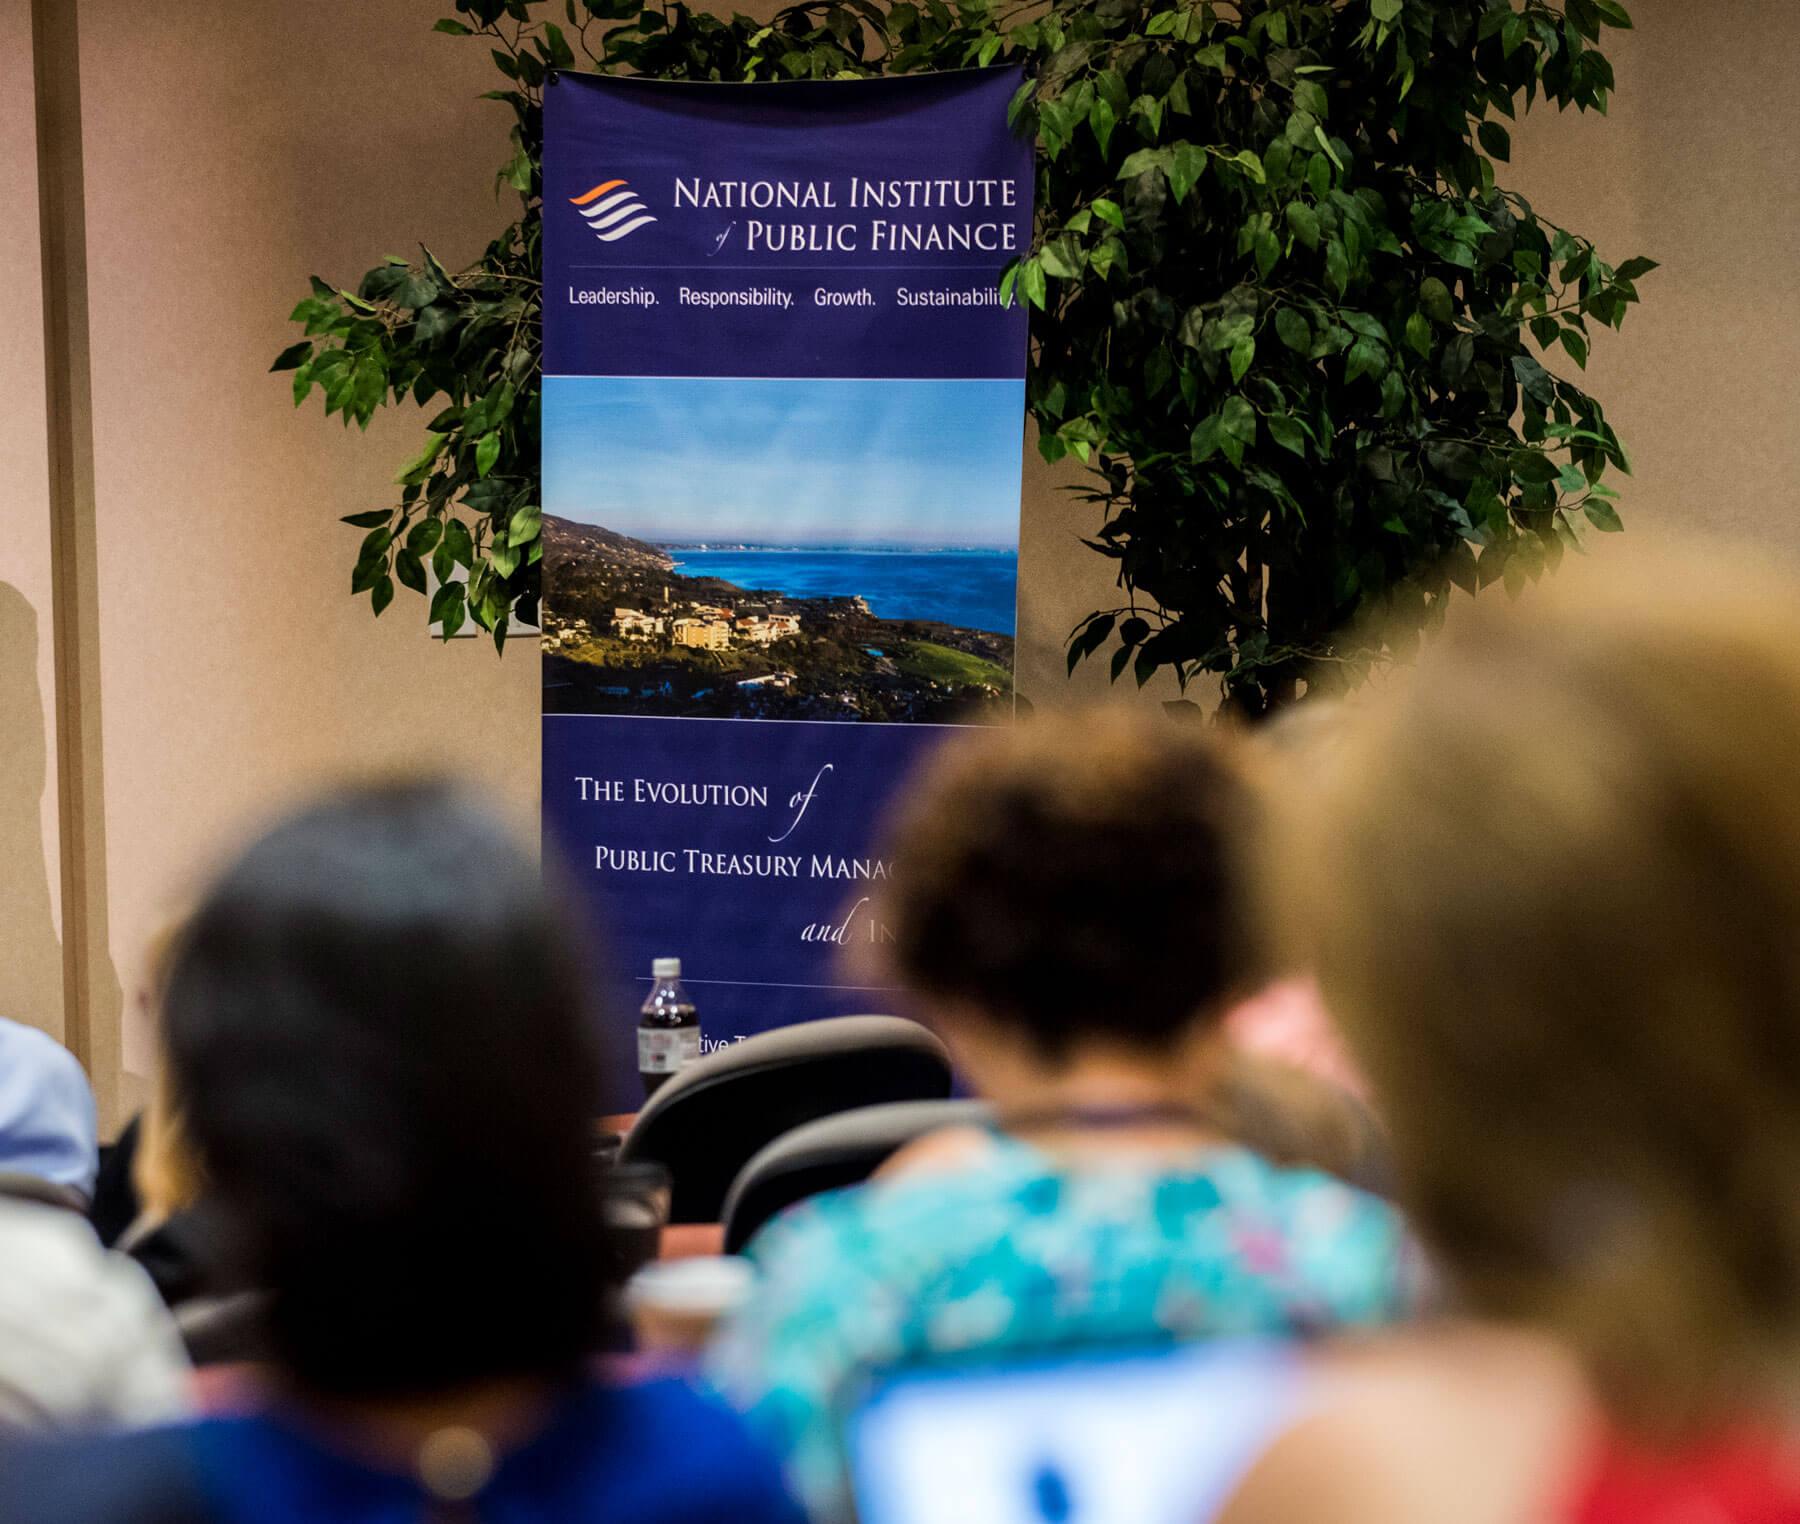 NIPF attendees, banner